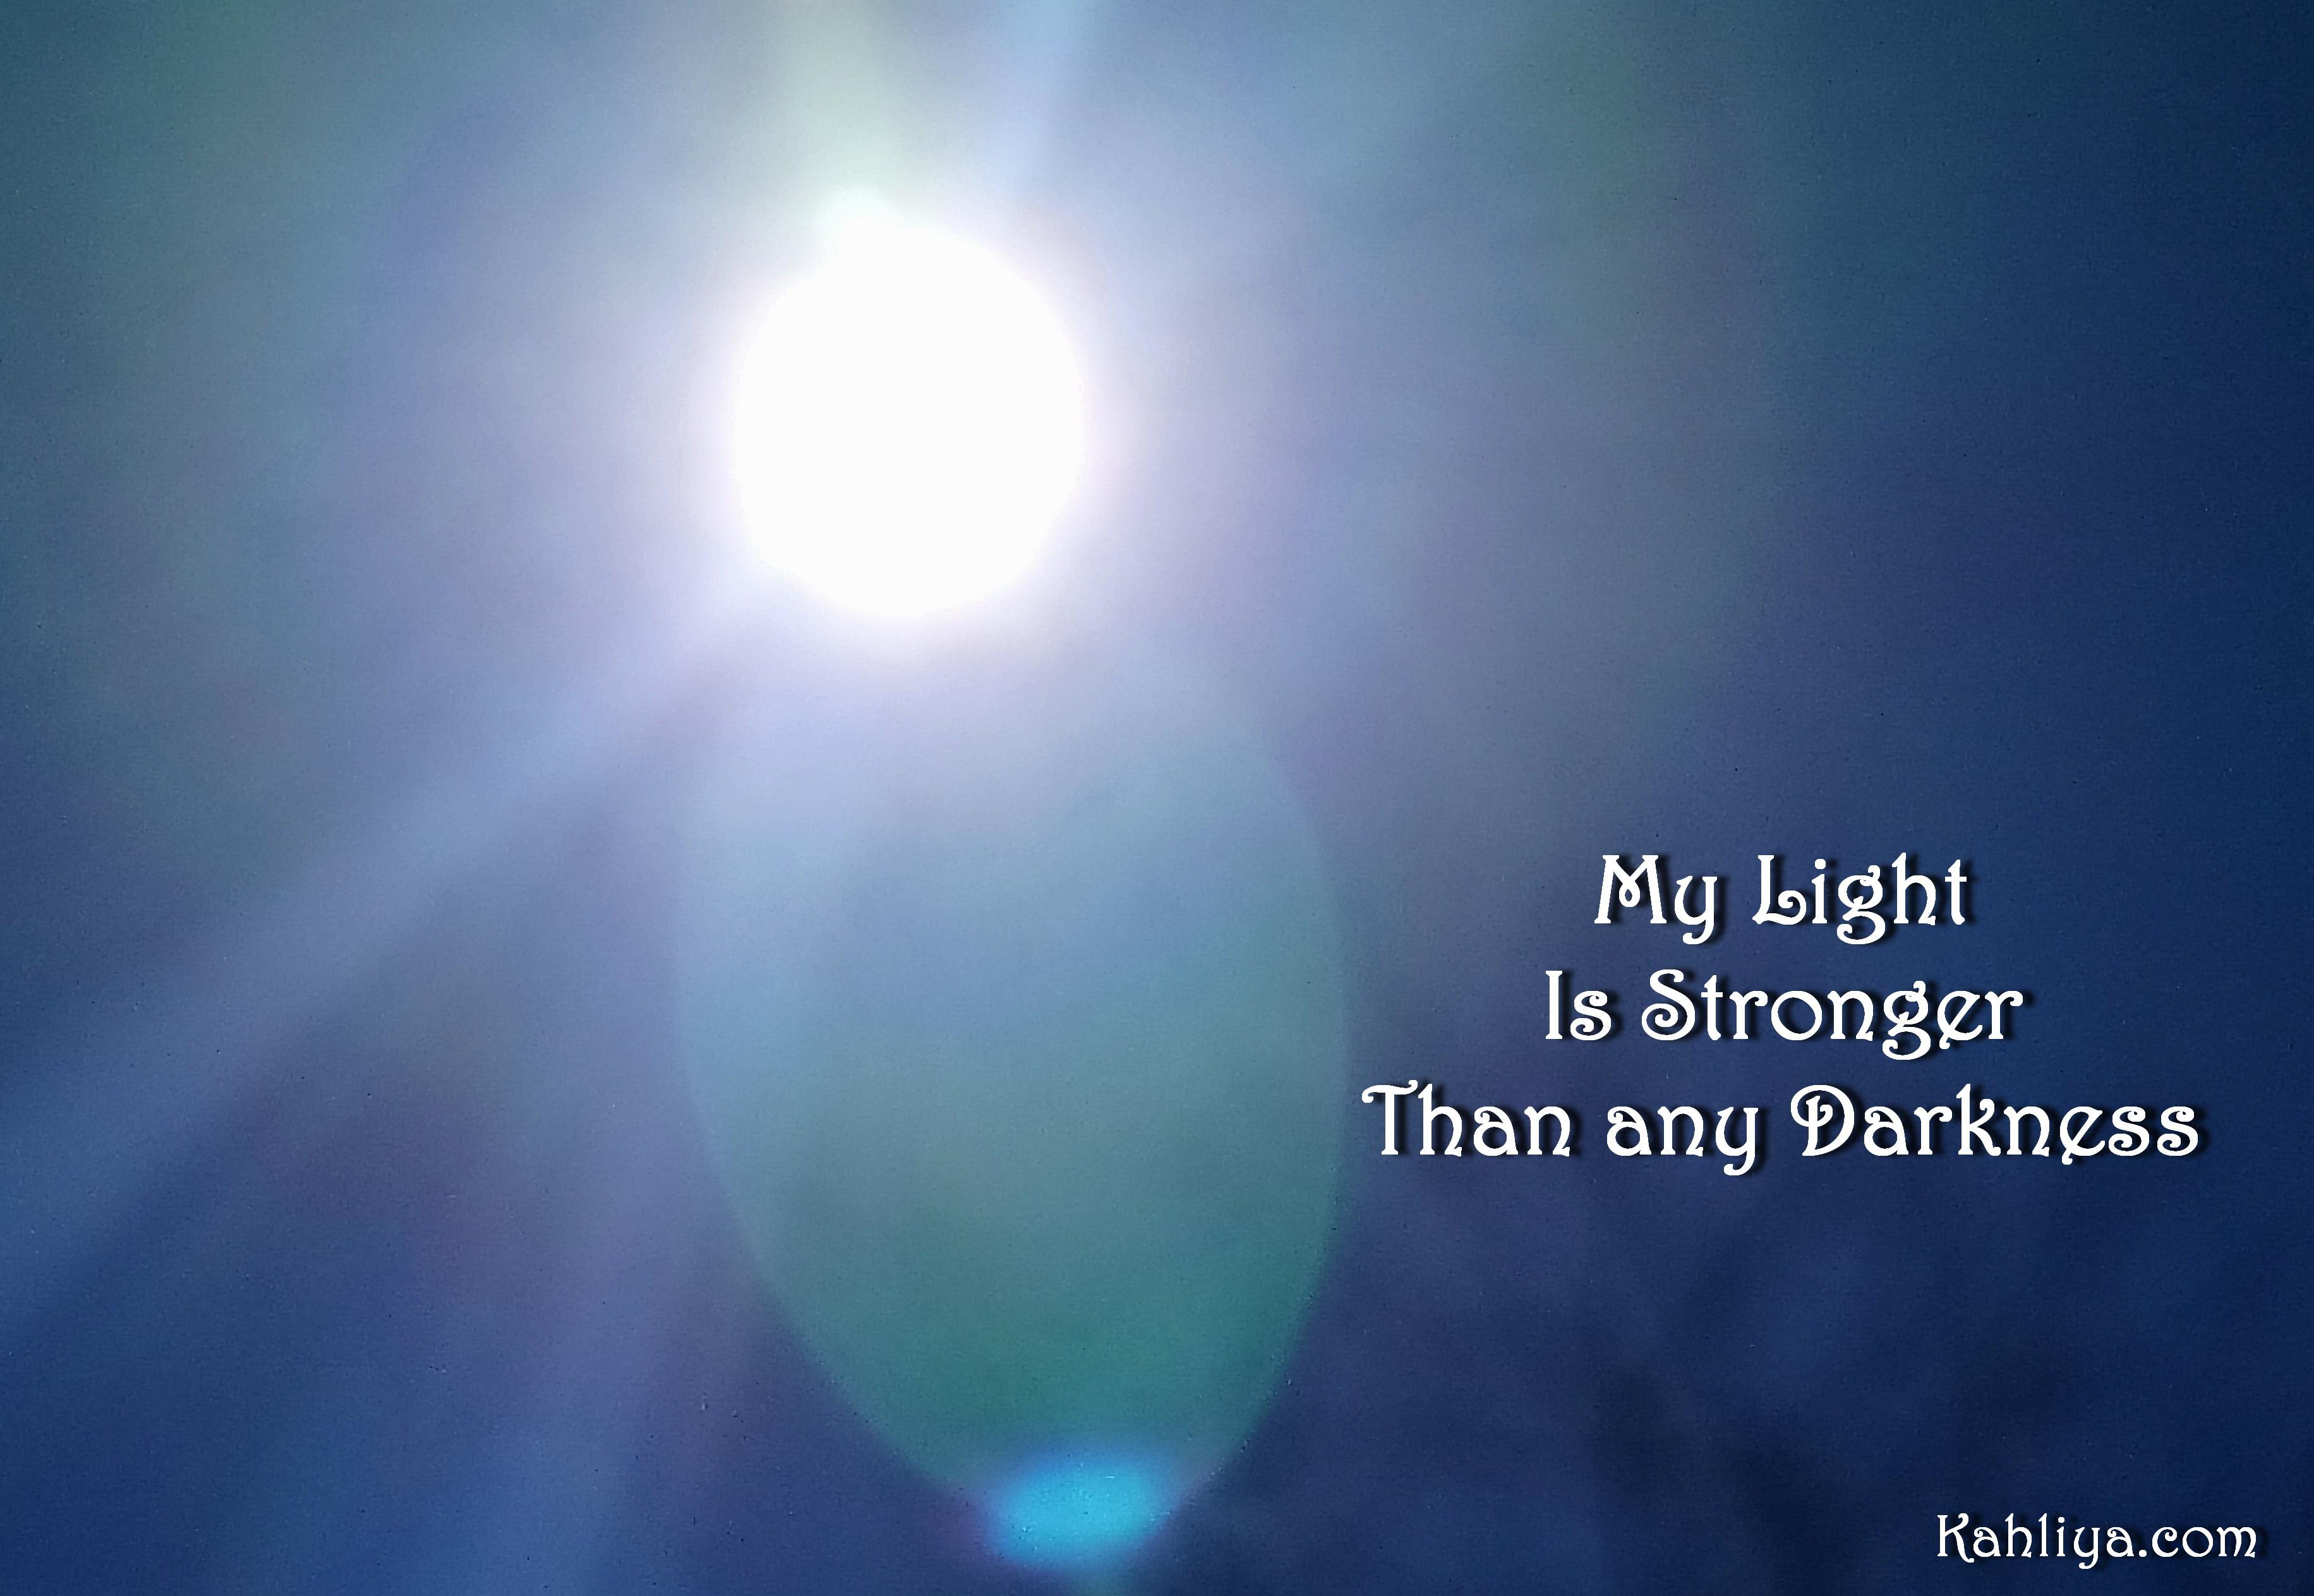 DSC_1340 crp light stronger sind